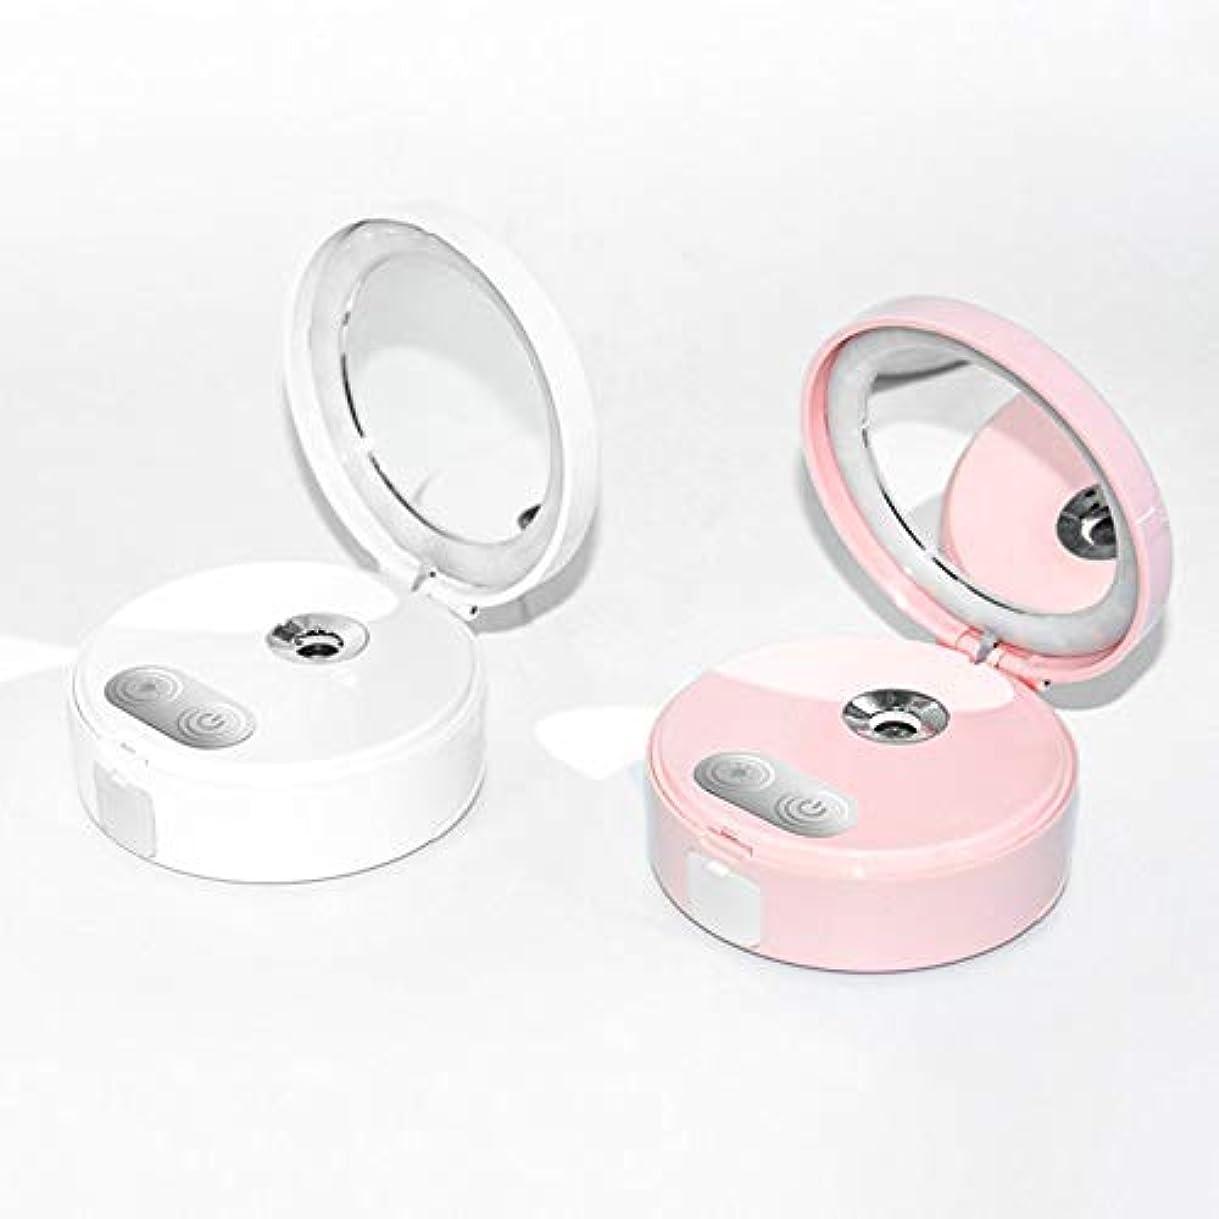 契約する歪めるなめらか流行の ポータブル化粧鏡ナノスプレー水道メーターで充電宝物フィルライト機能三色調光マッサージマッサージミラー美容ミラーホワイトピンク